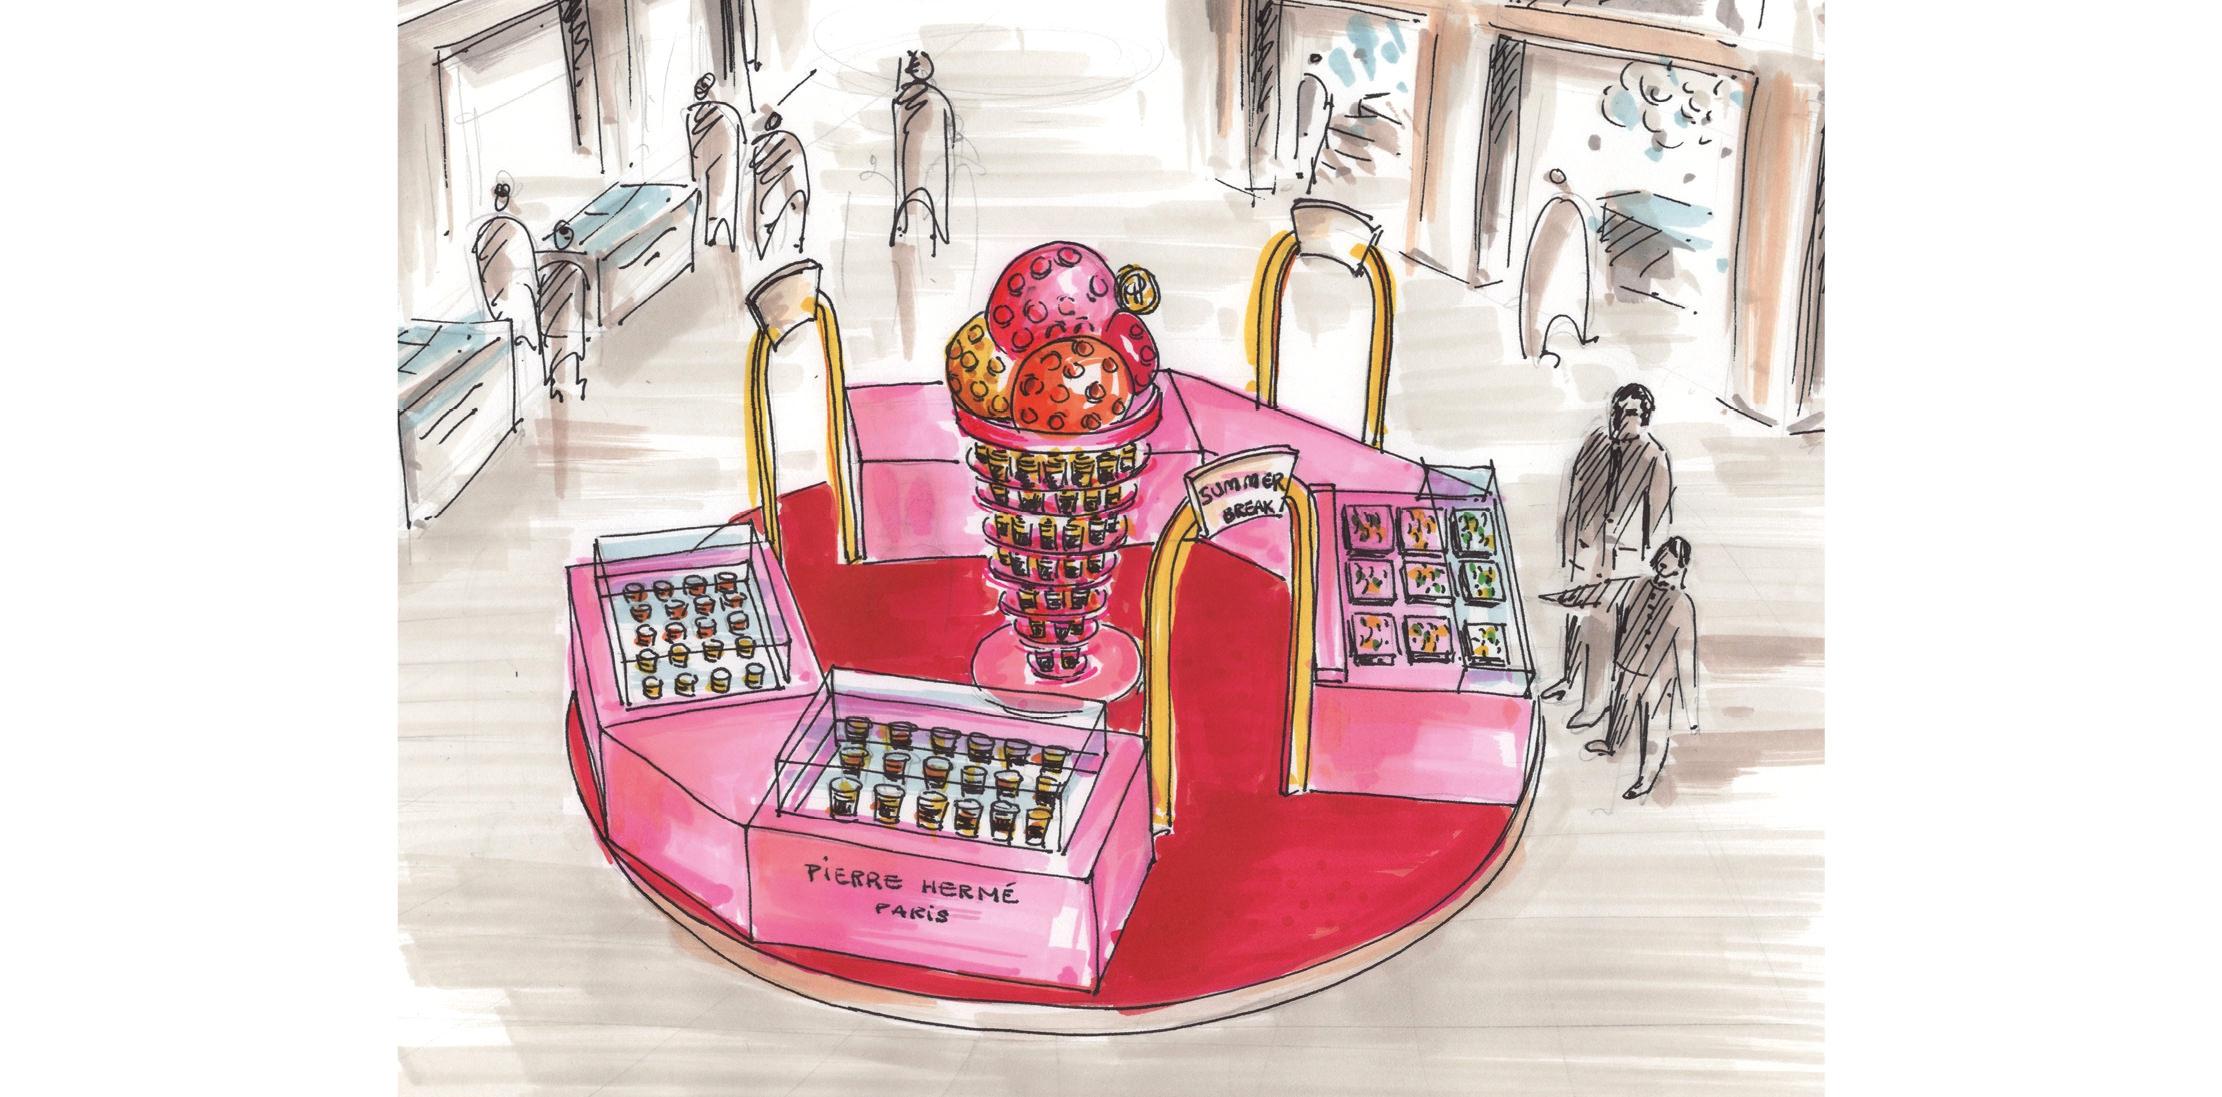 Pierre Hermé auxGaleries Lafayette  Au cœur des Galeries Lafayette Haussmann, retrouvez les macarons et les chocolats, mais surtout les glaces signés Pierre Hermé Paris sous la coupole des Galeries Lafayette Haussmann.Du 4 avril au 14 mai, dans le cadre de l'opération Summer Break,cette collaboration propose une expérience inédite autourde goûts, de sensations et de plaisirs originaux, et une occasion unique de découvrir –pour ceux qui ne la connaîtraient pas encore –la Glace par Pierre Hermé.  Le Bar à Glaces Pierre Hermé aux Galeries Lafayette, 40, boulevard Haussmann, Paris IXe, du 4 avril au 14 mai.